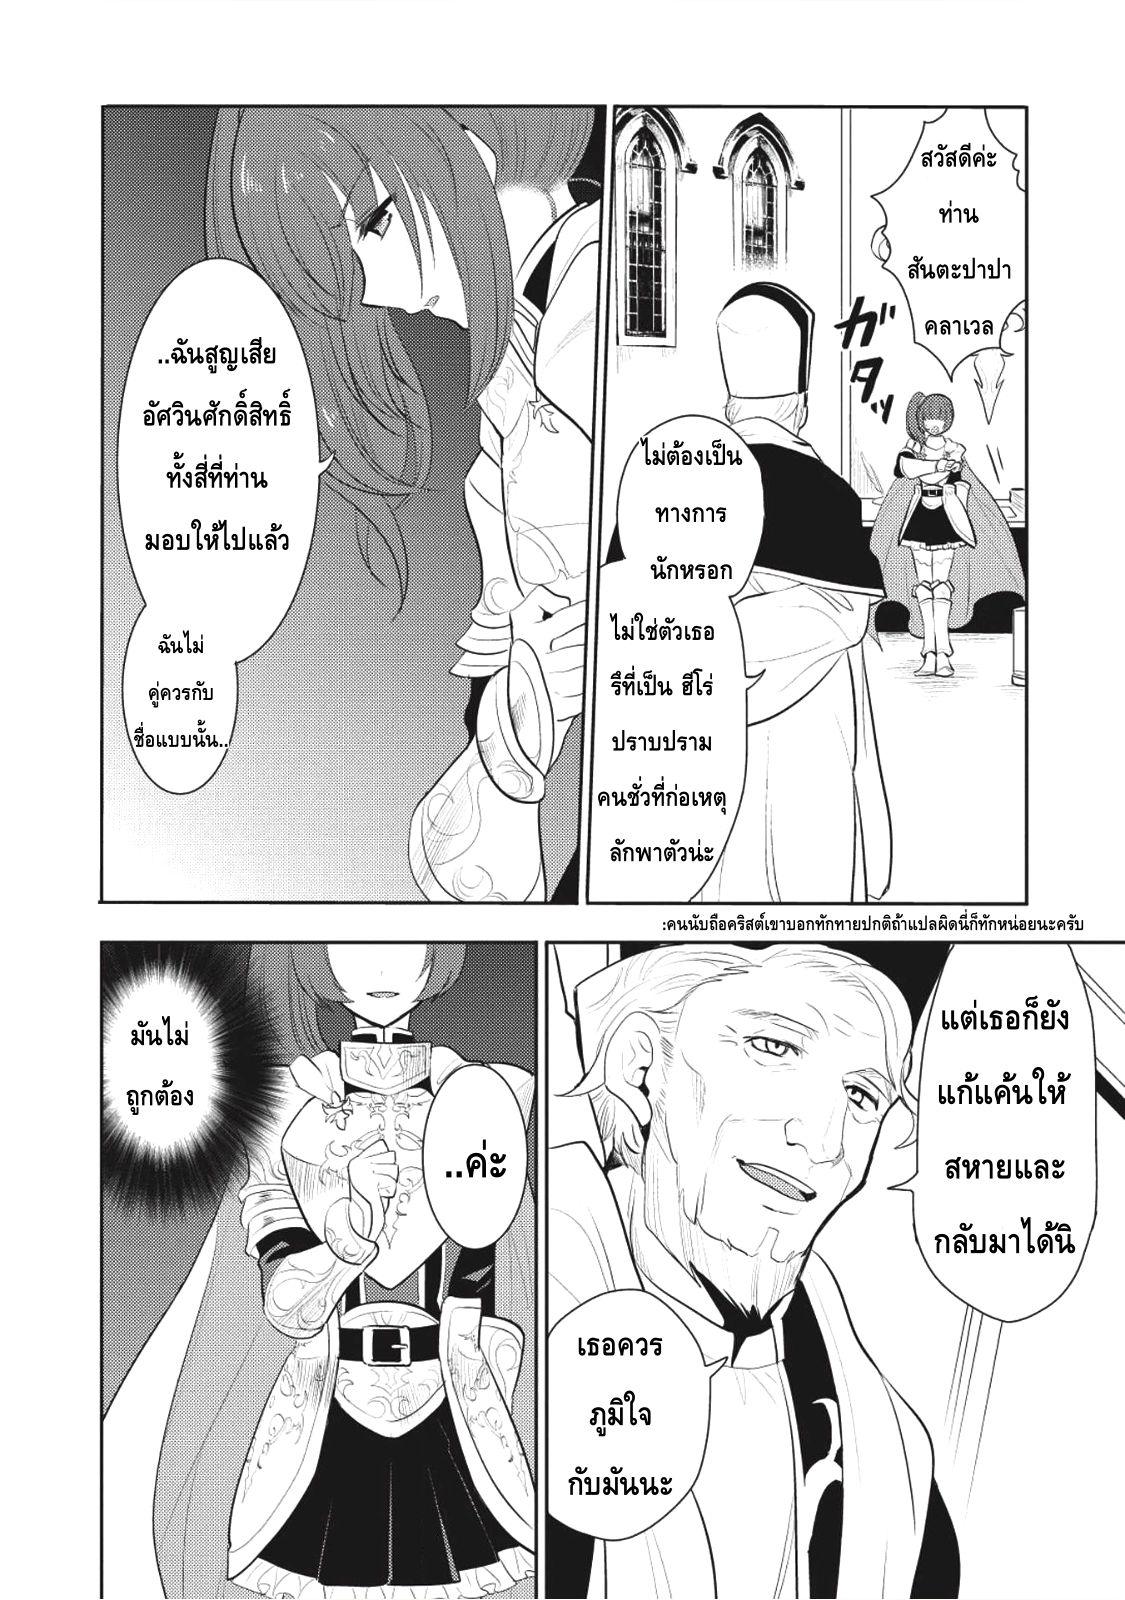 อ่านการ์ตูน Maou no Ore ga Dorei Elf wo Yome ni Shitanda ga Dou Medereba Ii ตอนที่ 4 หน้าที่ 34